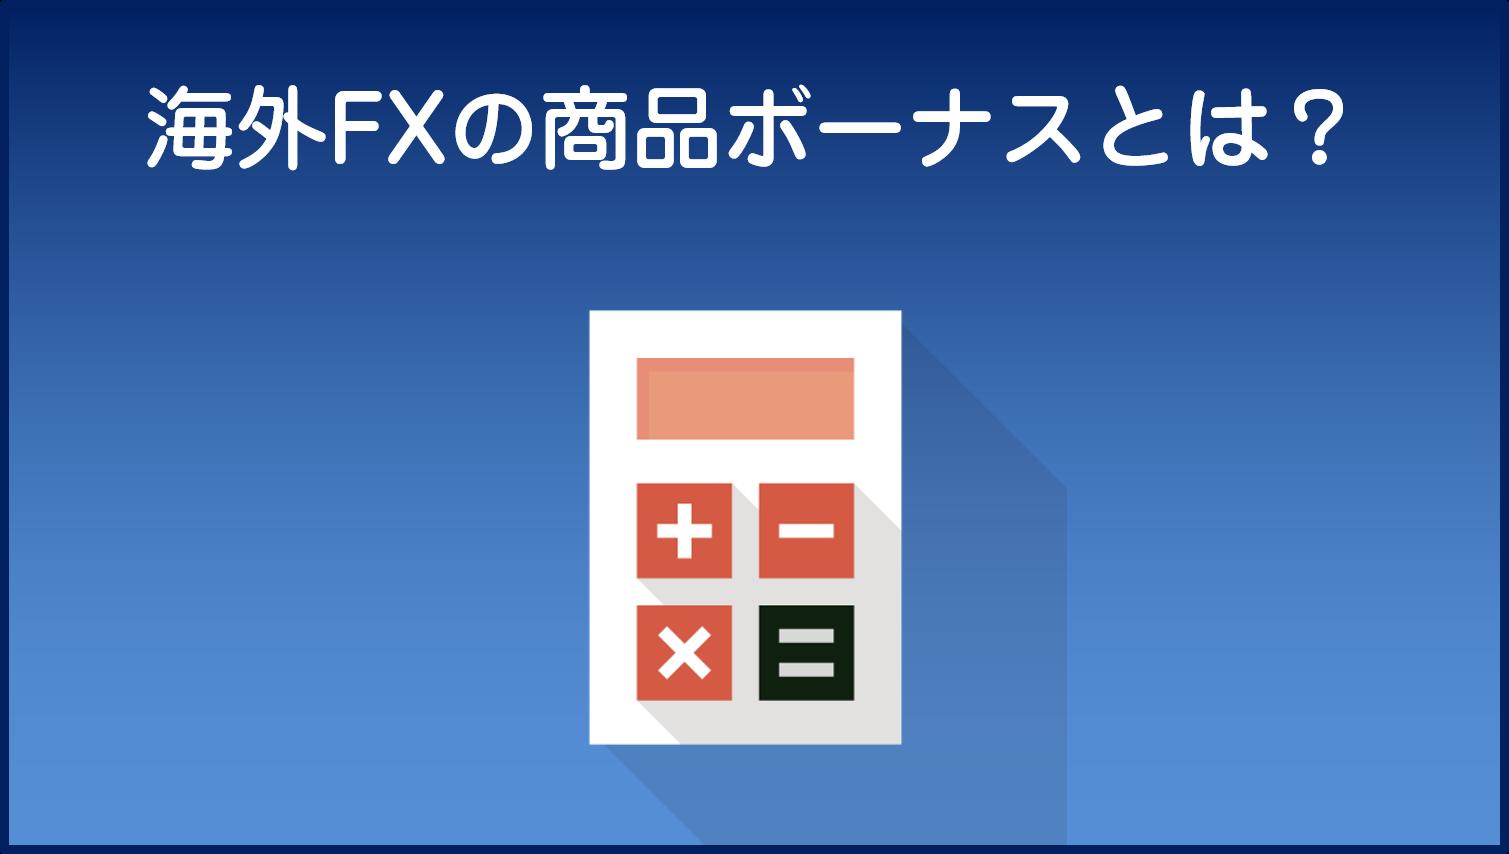 海外FXの商品ボーナスとは?